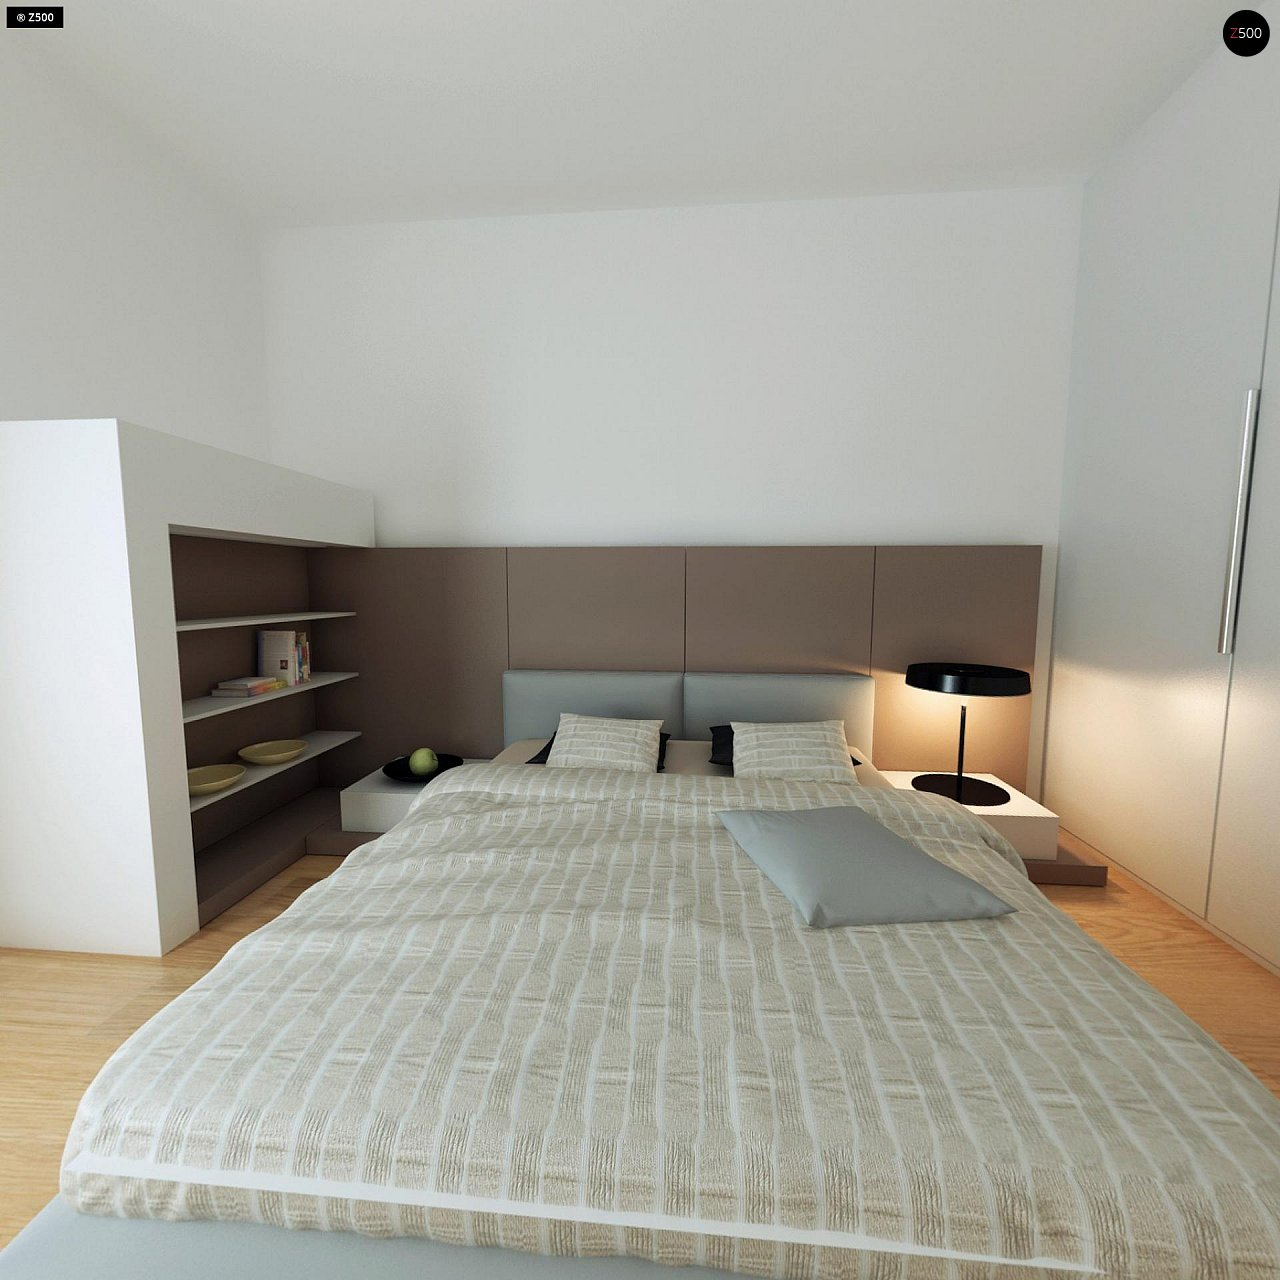 Современный комфортабельный одноэтажный дом с функциональным интерьером и уютной террасой. 16